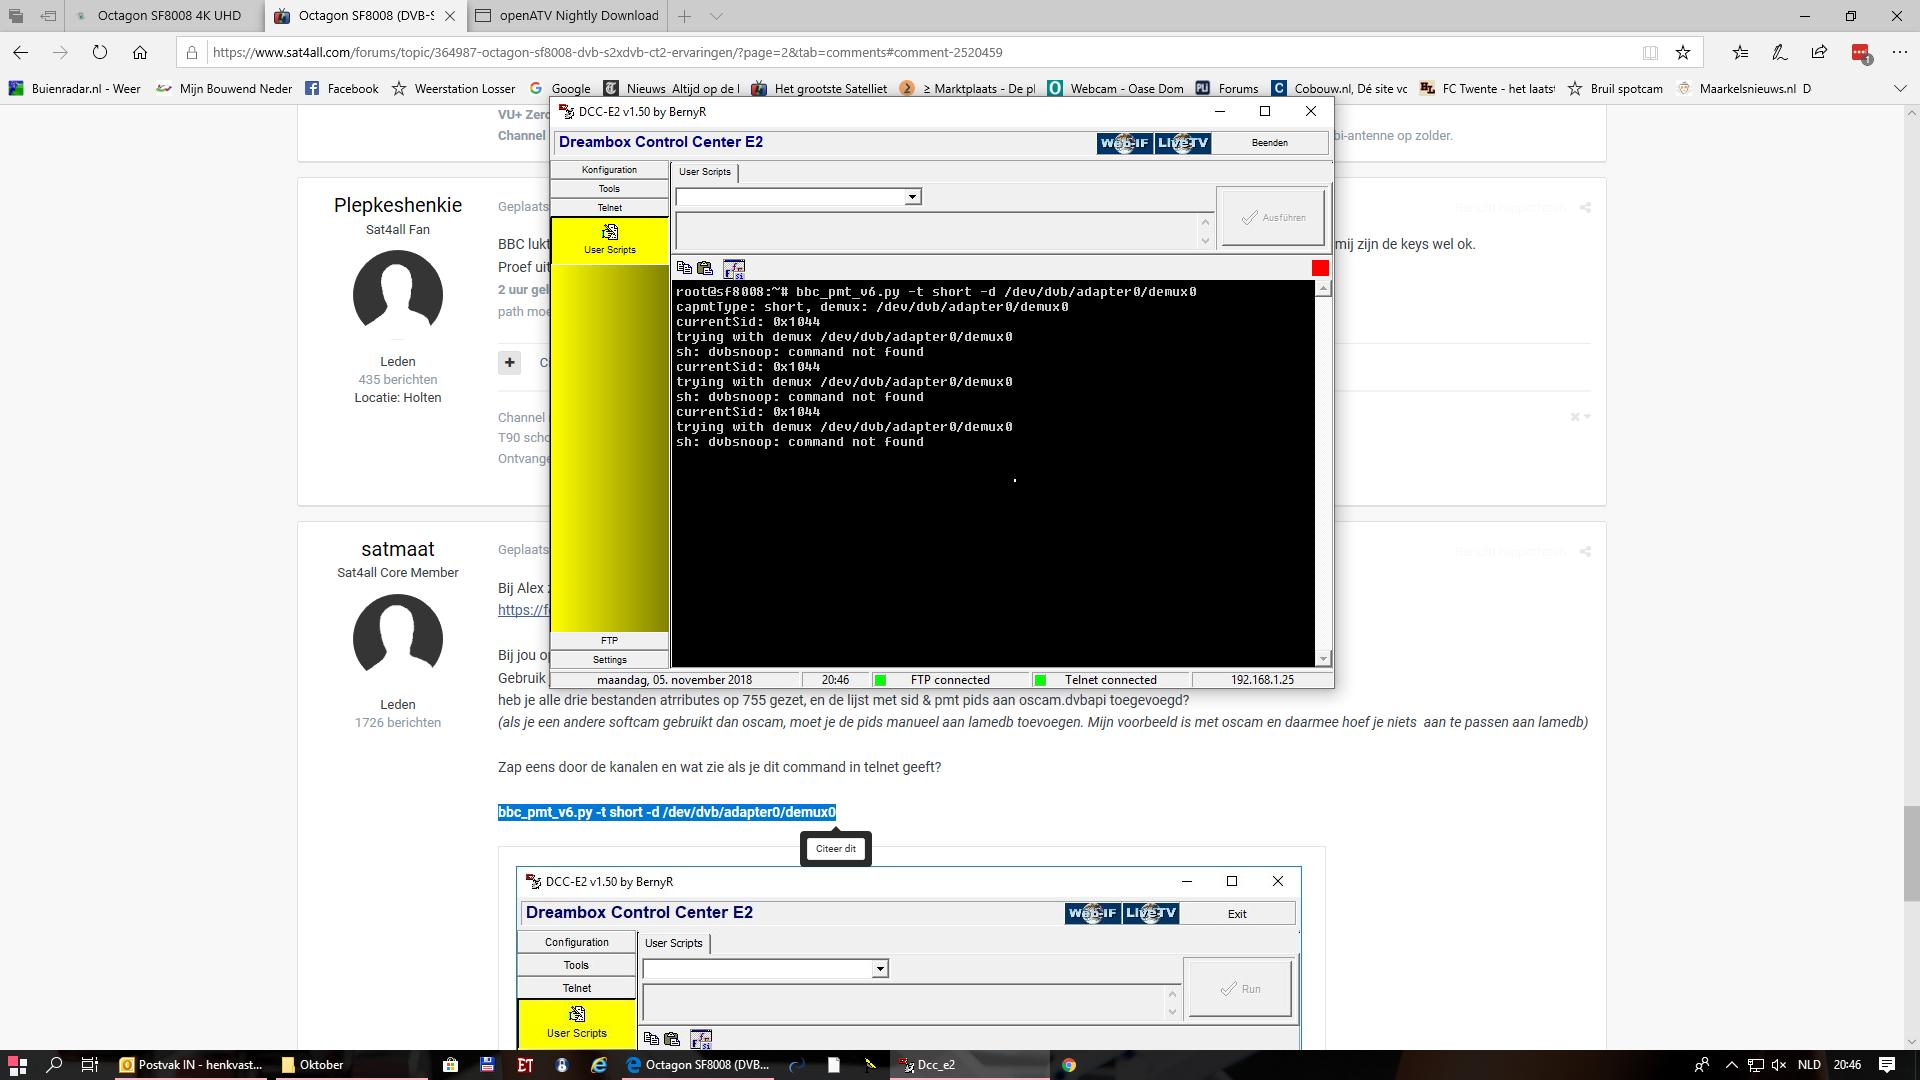 Octagon SF8008 (DVB-S2x,DVB-C/T2) ervaringen - pagina 2